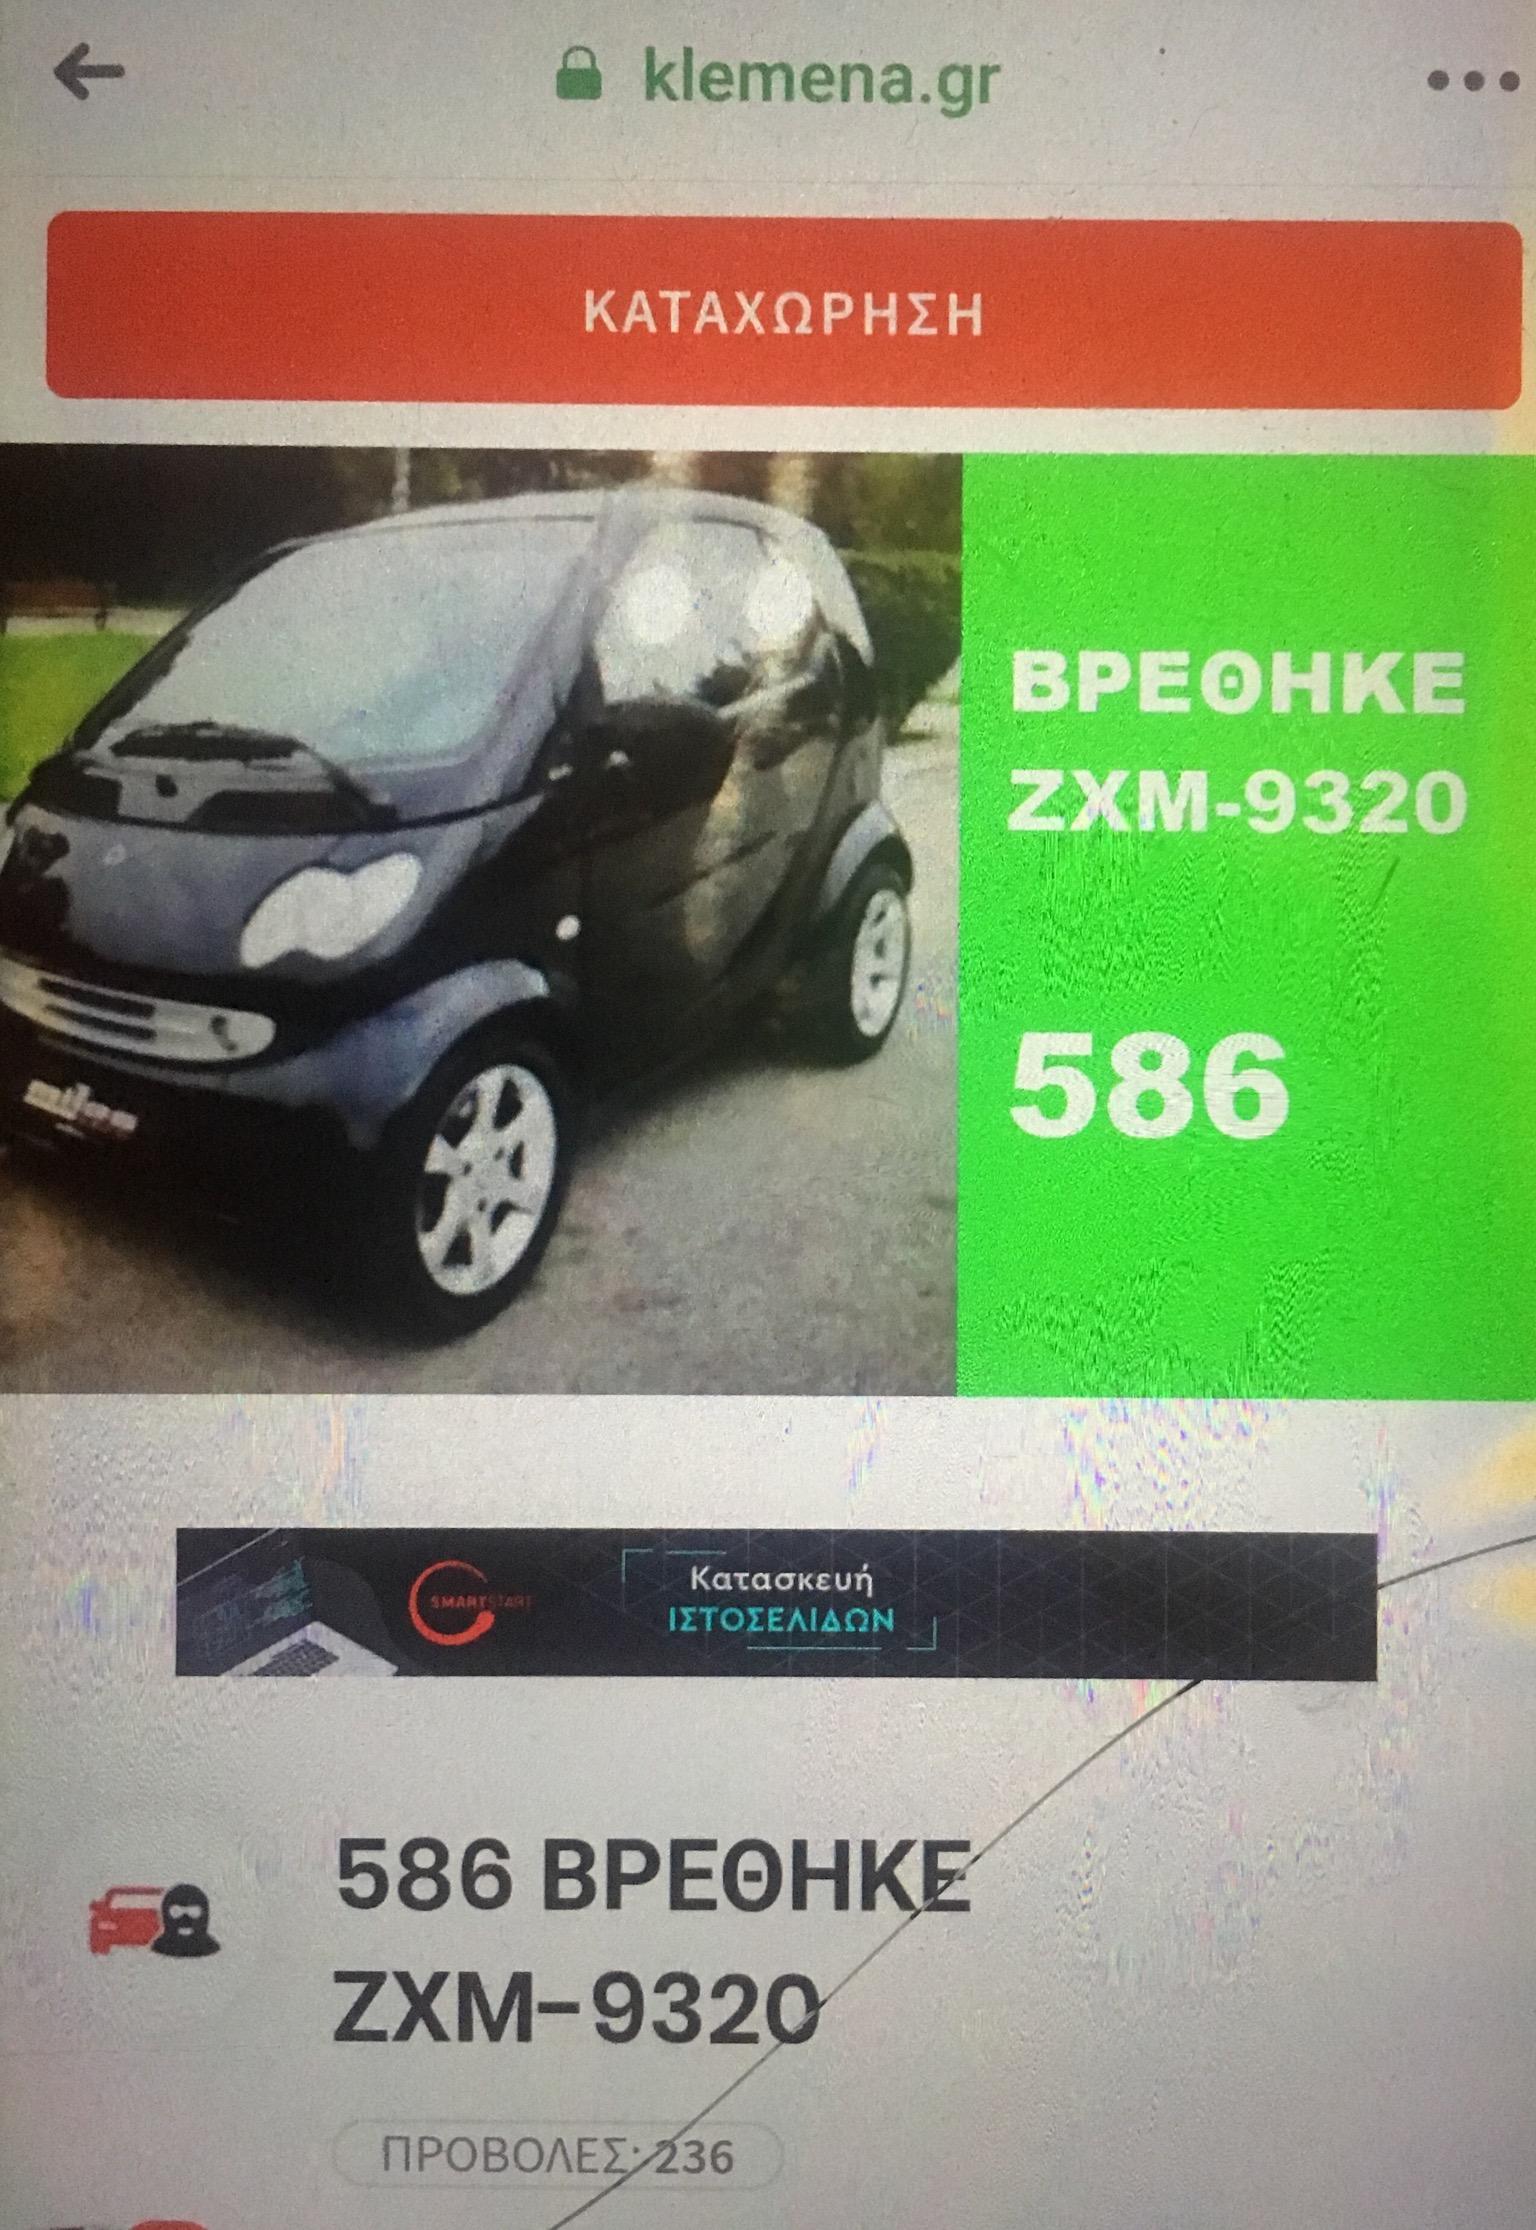 7811E347-EBF8-47DE-839A-3B2985841456